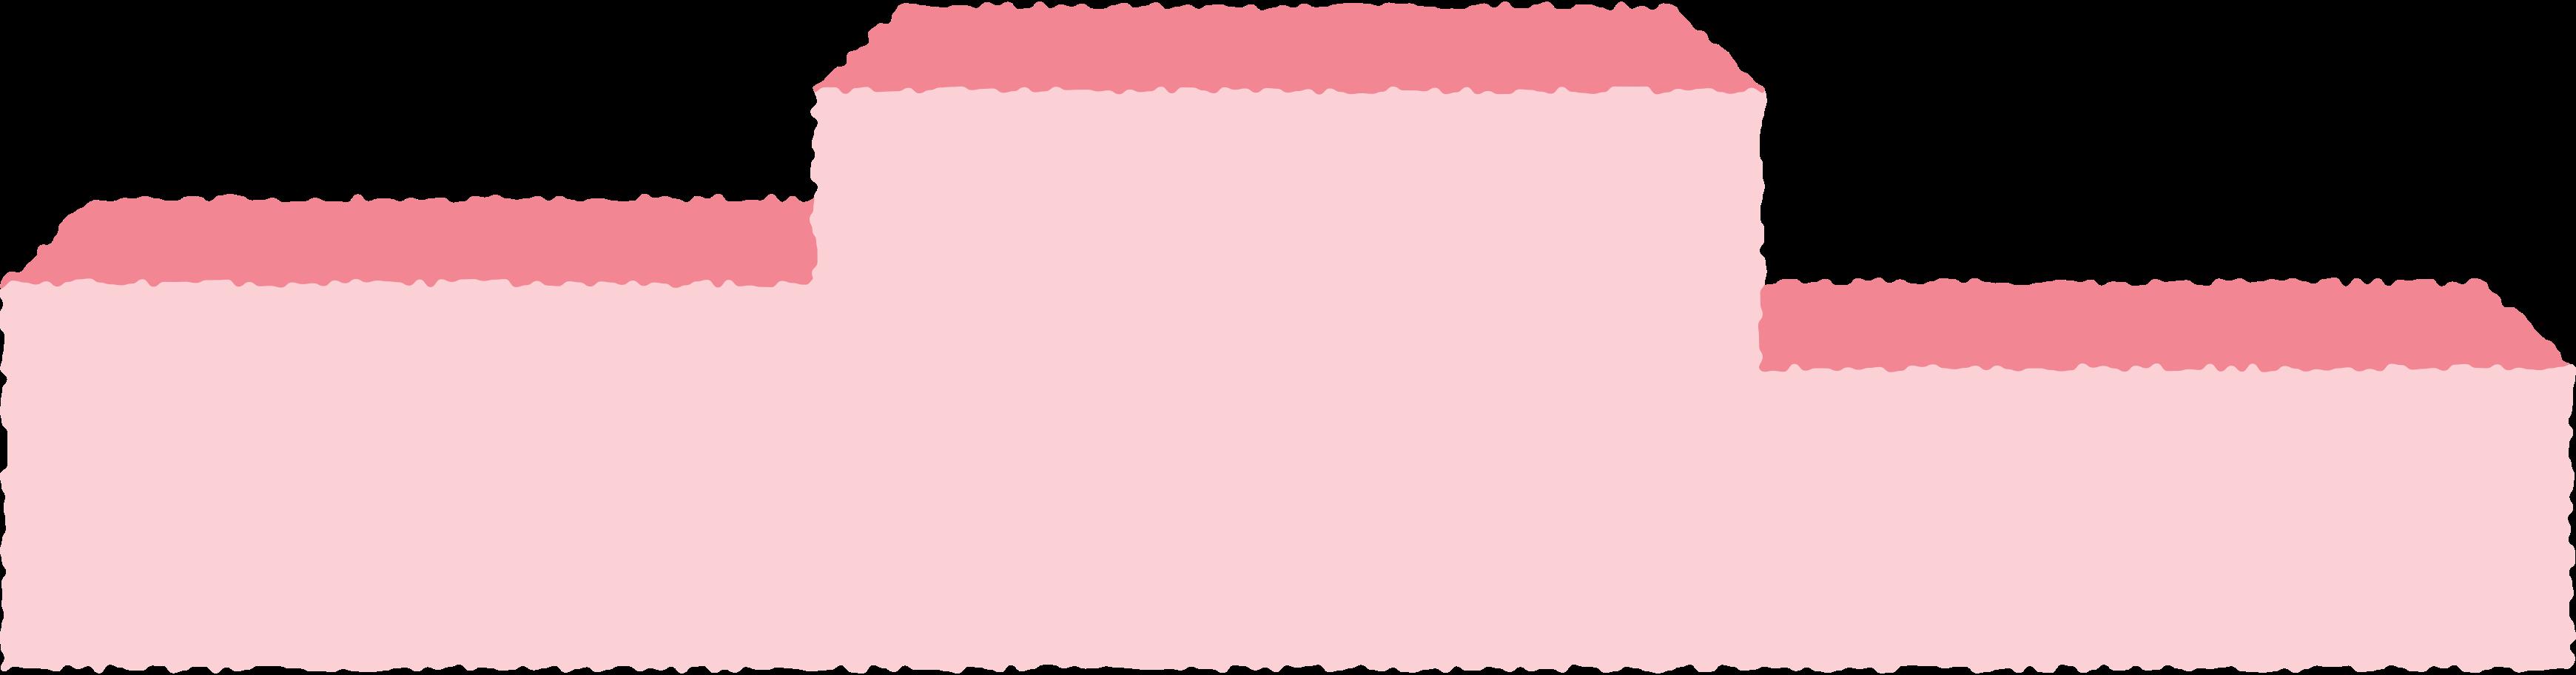 Style  piédestal Images vectorielles en PNG et SVG | Icons8 Illustrations